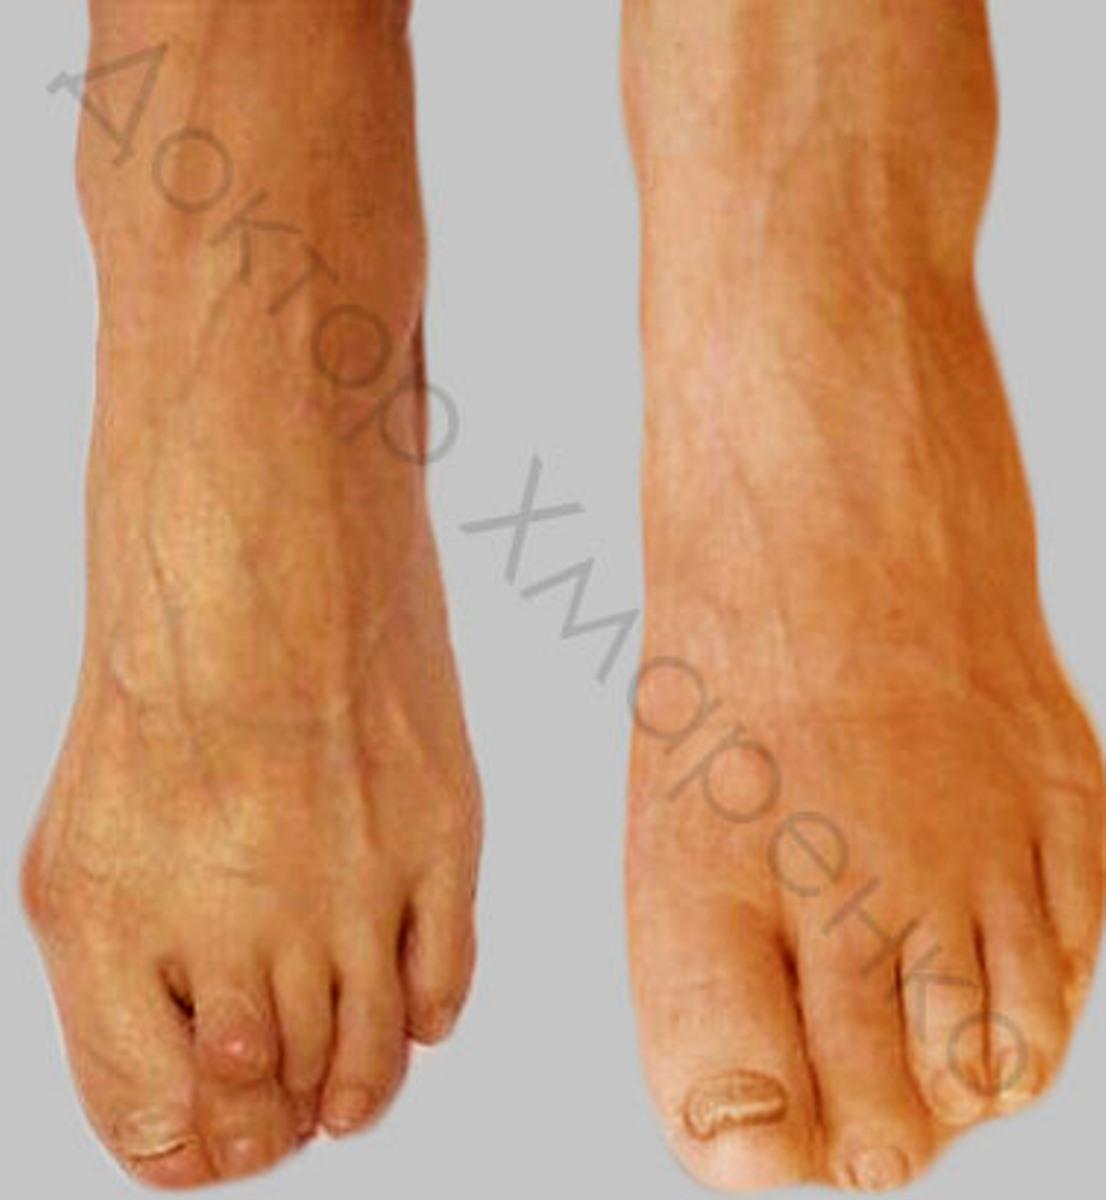 Косточки на ногах: как избавиться? Новый метод 123